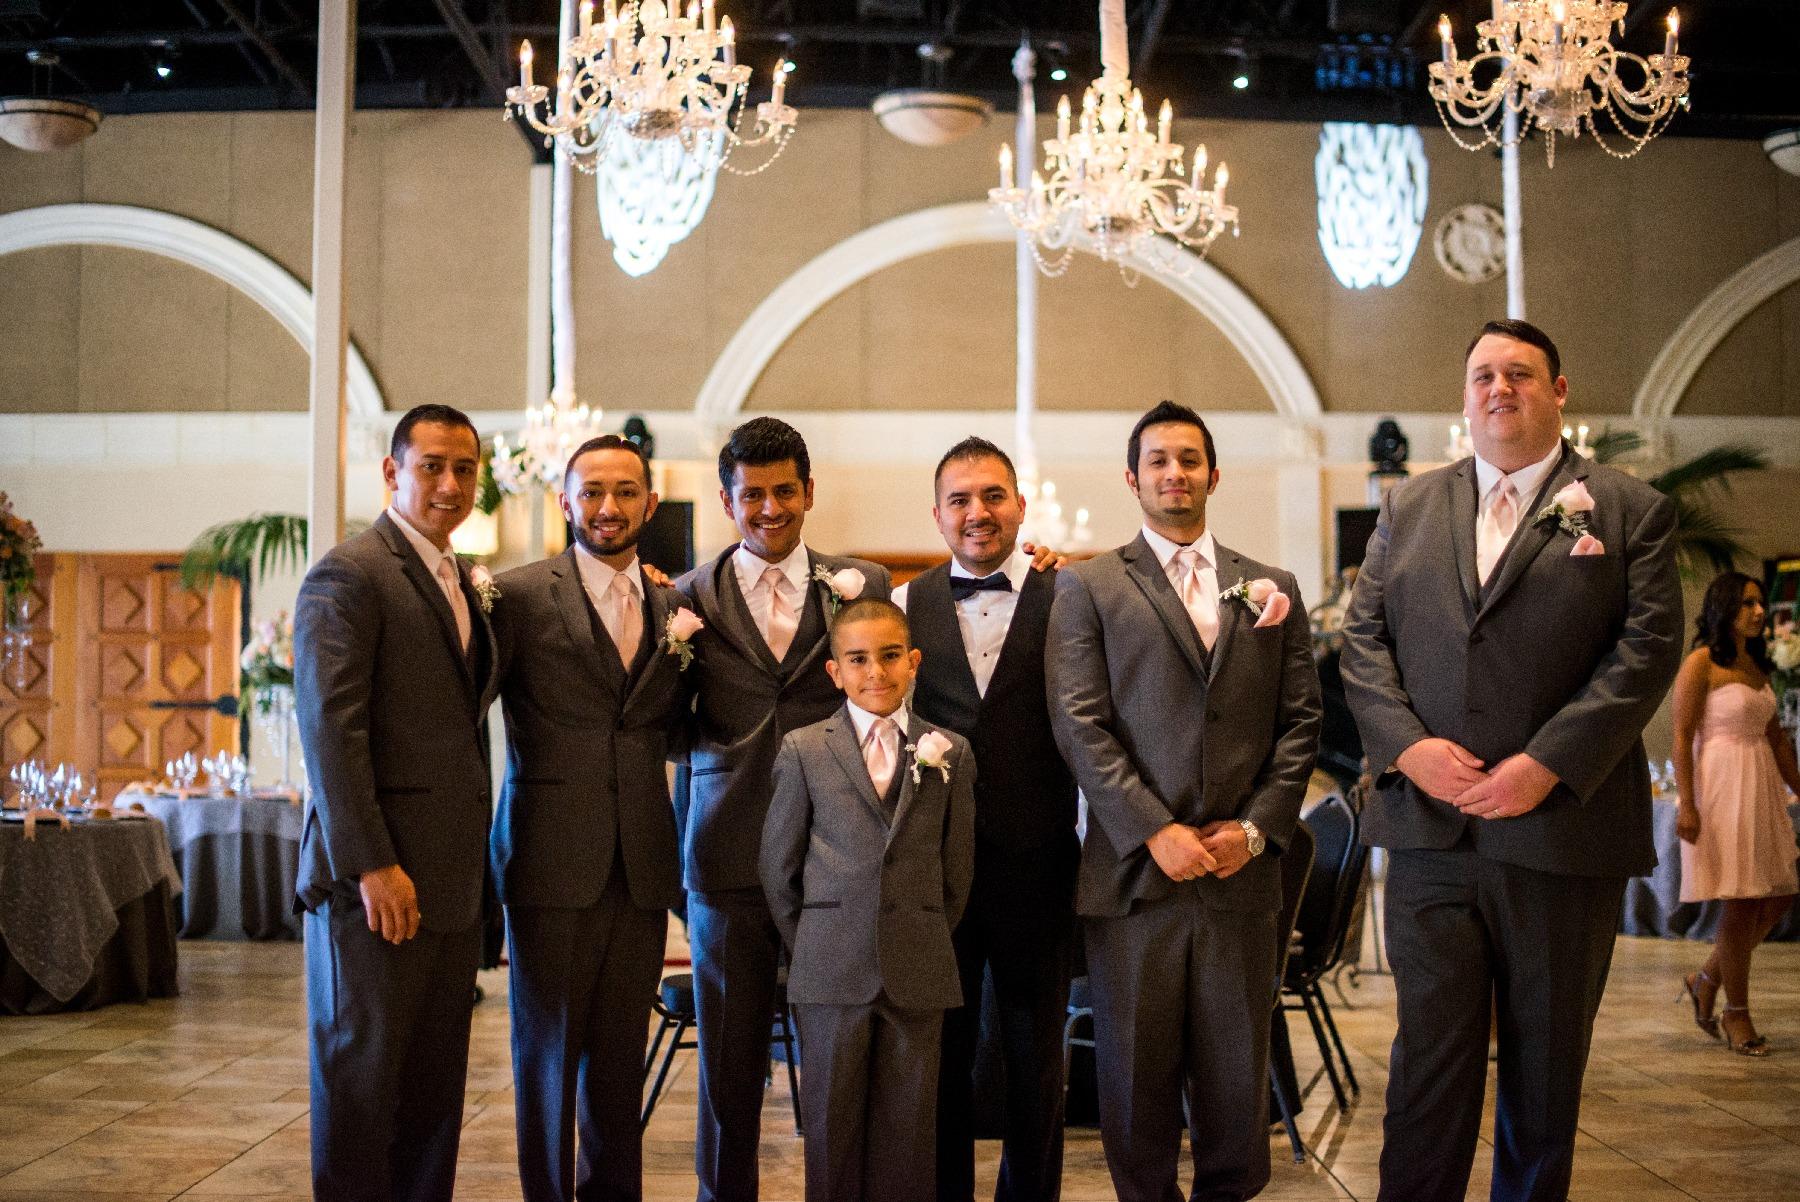 hugo and jimmy wedding 2014-10-05 09